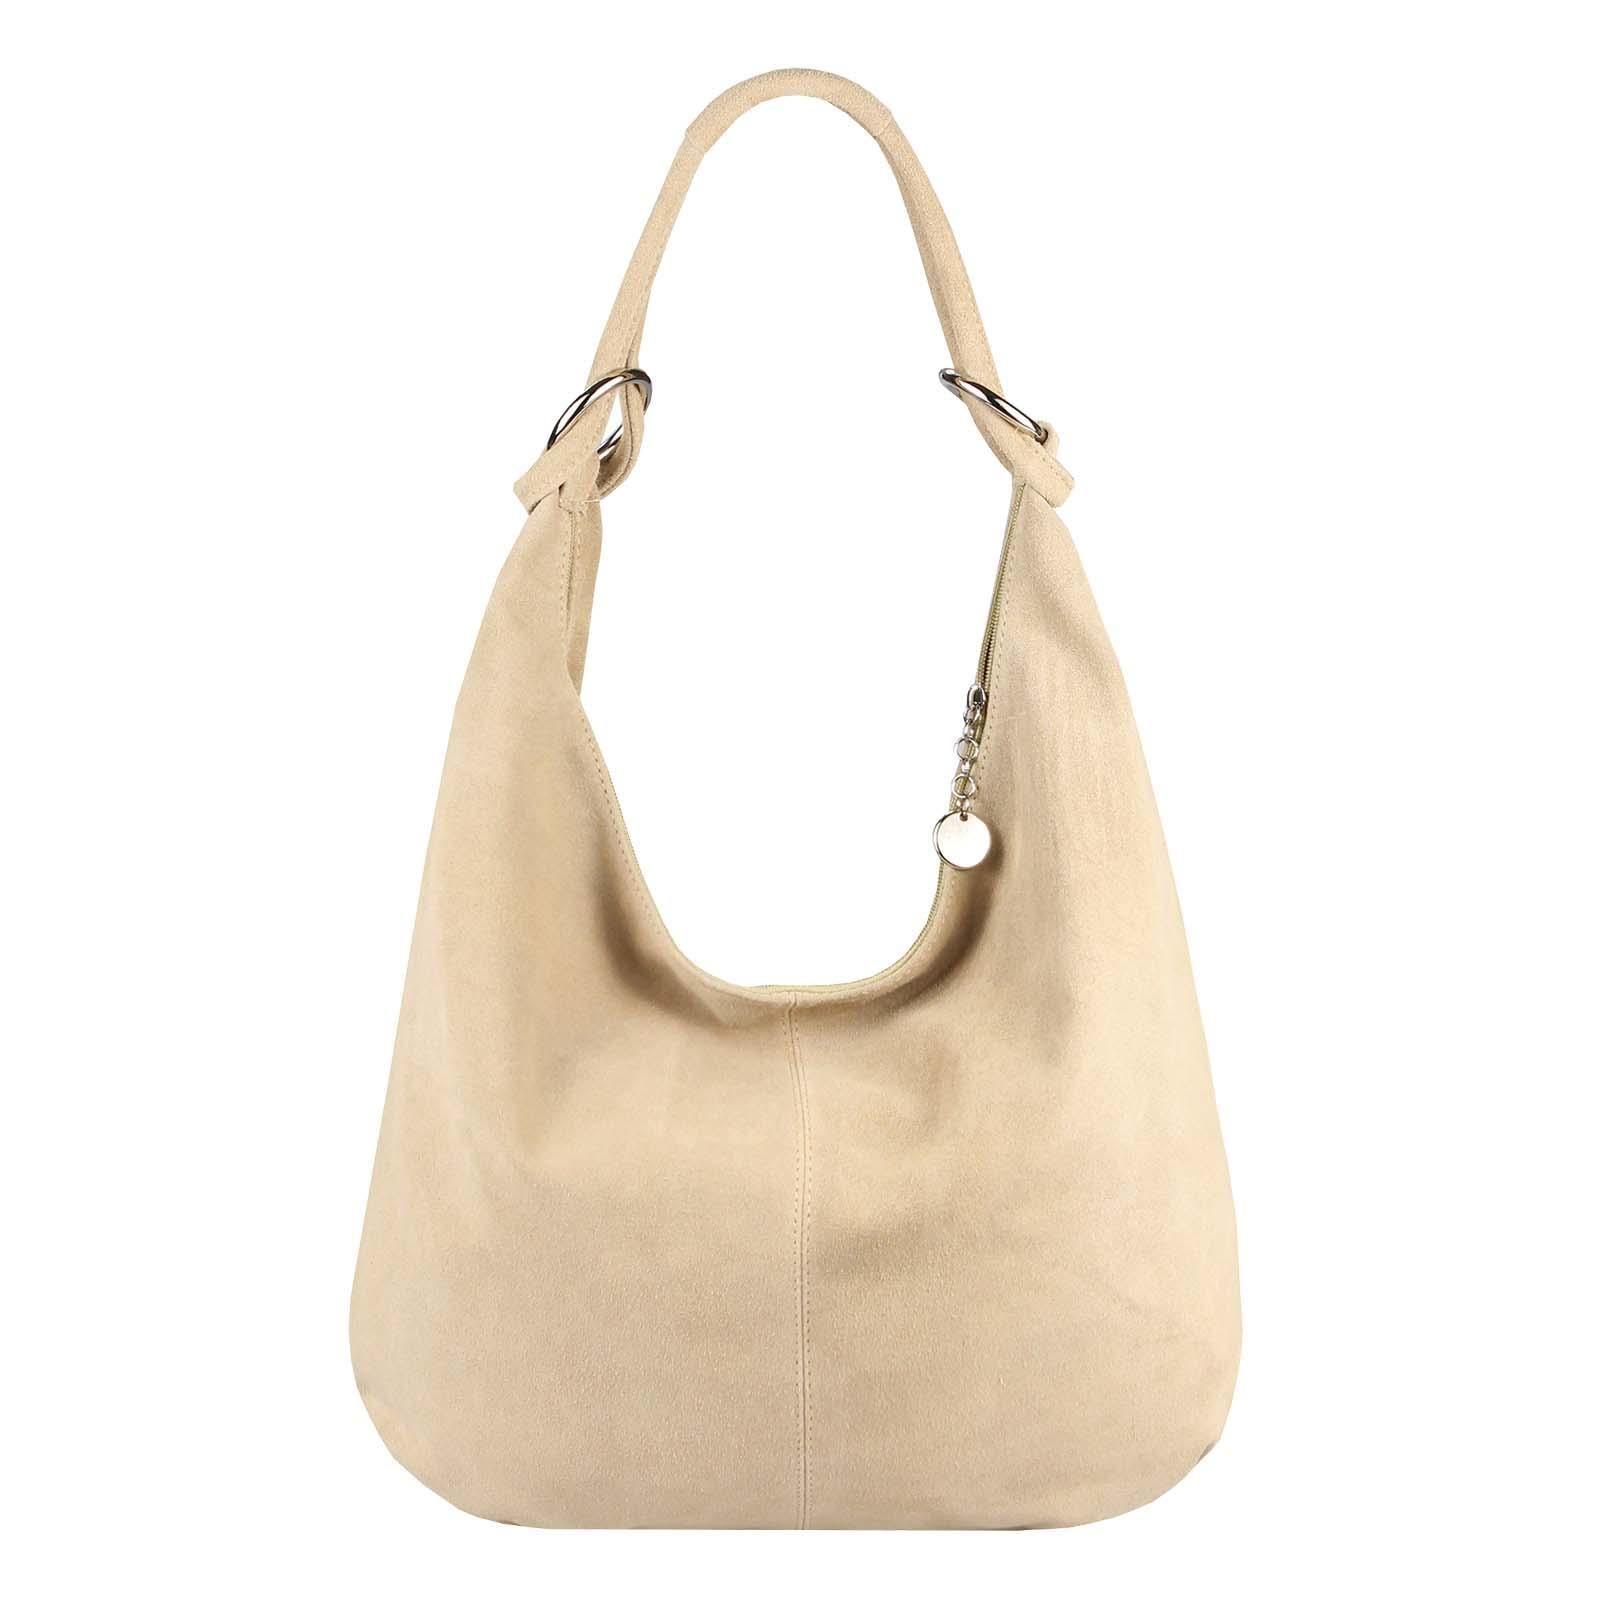 ae478bc57ca10 Made in Italy Damen XXL Ledertasche Wildleder Shopper Tasche Schultertasche  Umhängetasche Hobo-Bag Beuteltasche